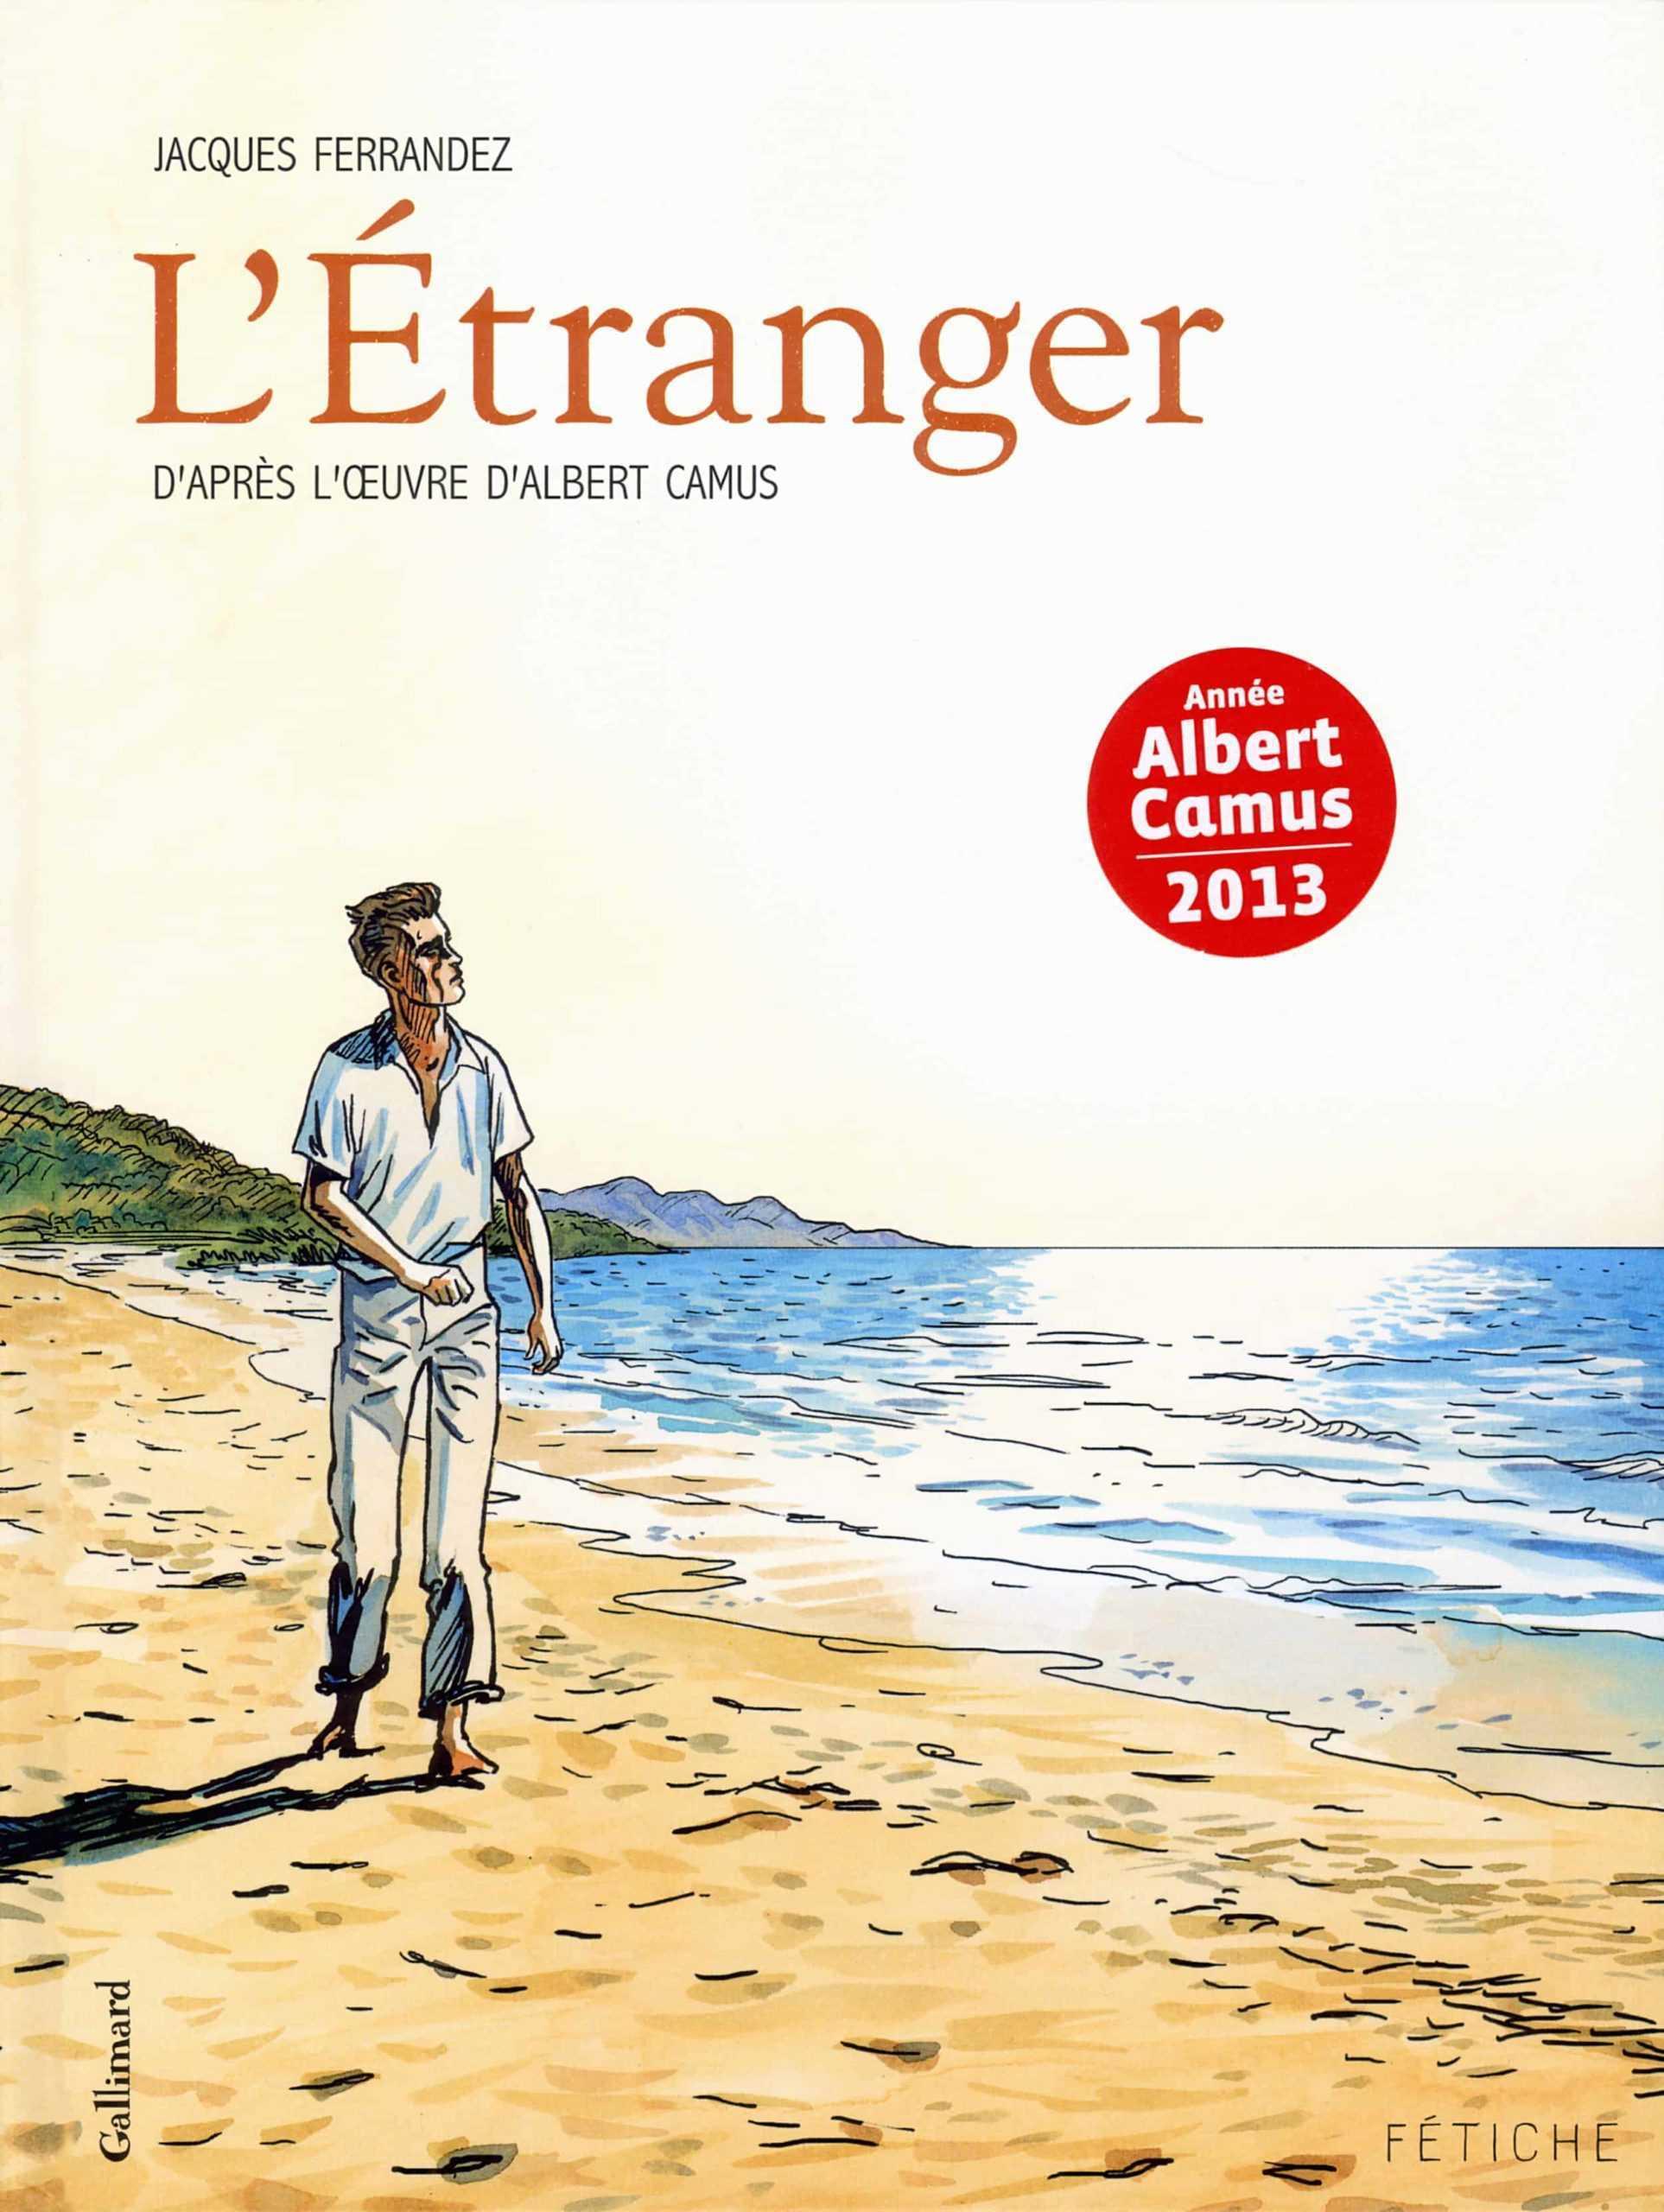 L'Étranger : Jacques Ferrandez, une passion pour Camus